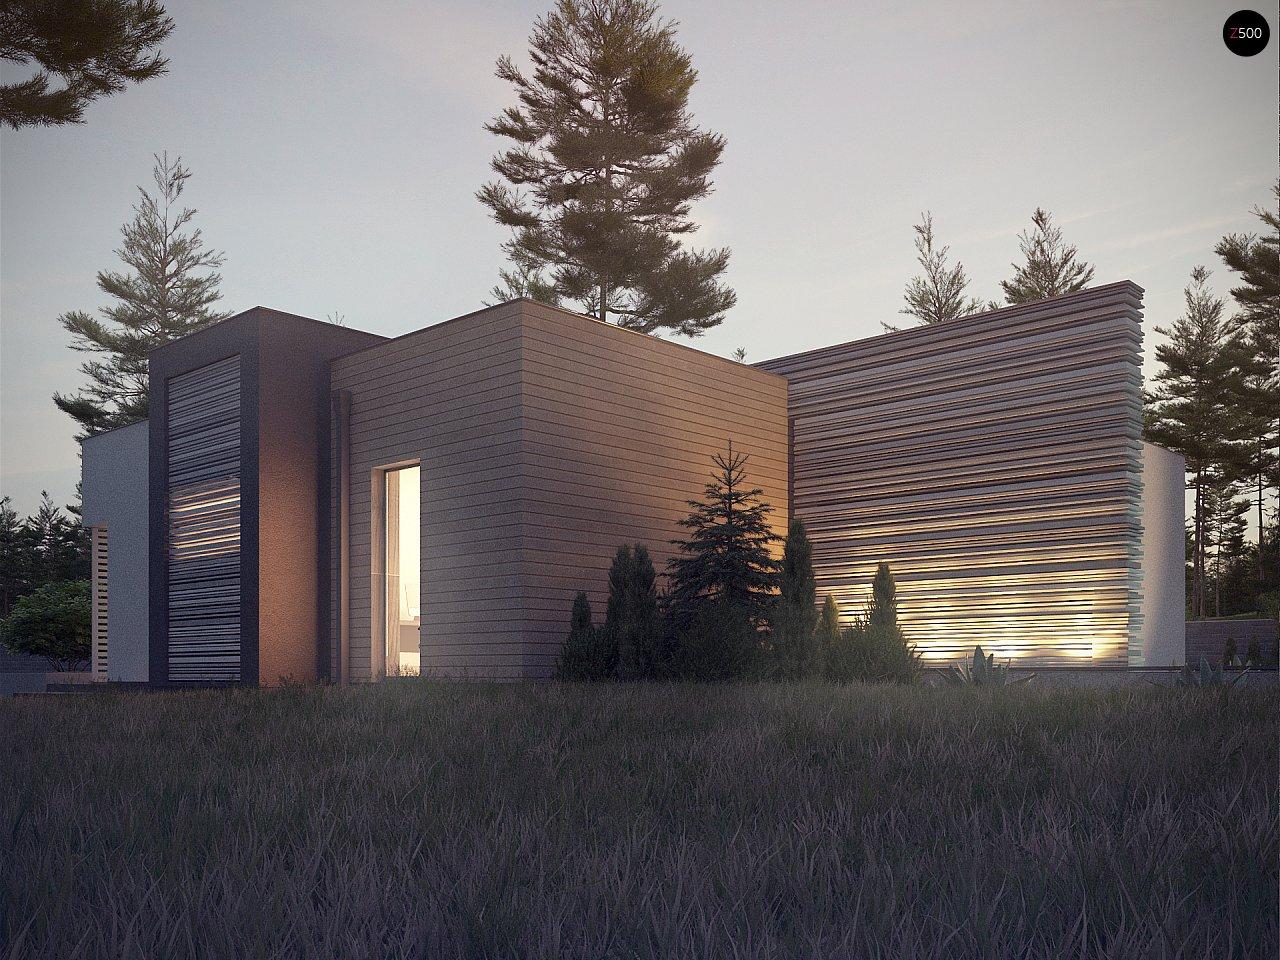 Одноэтажный дом в стиле хай-тек с плоской кровлей и большой площадью остекления. 18